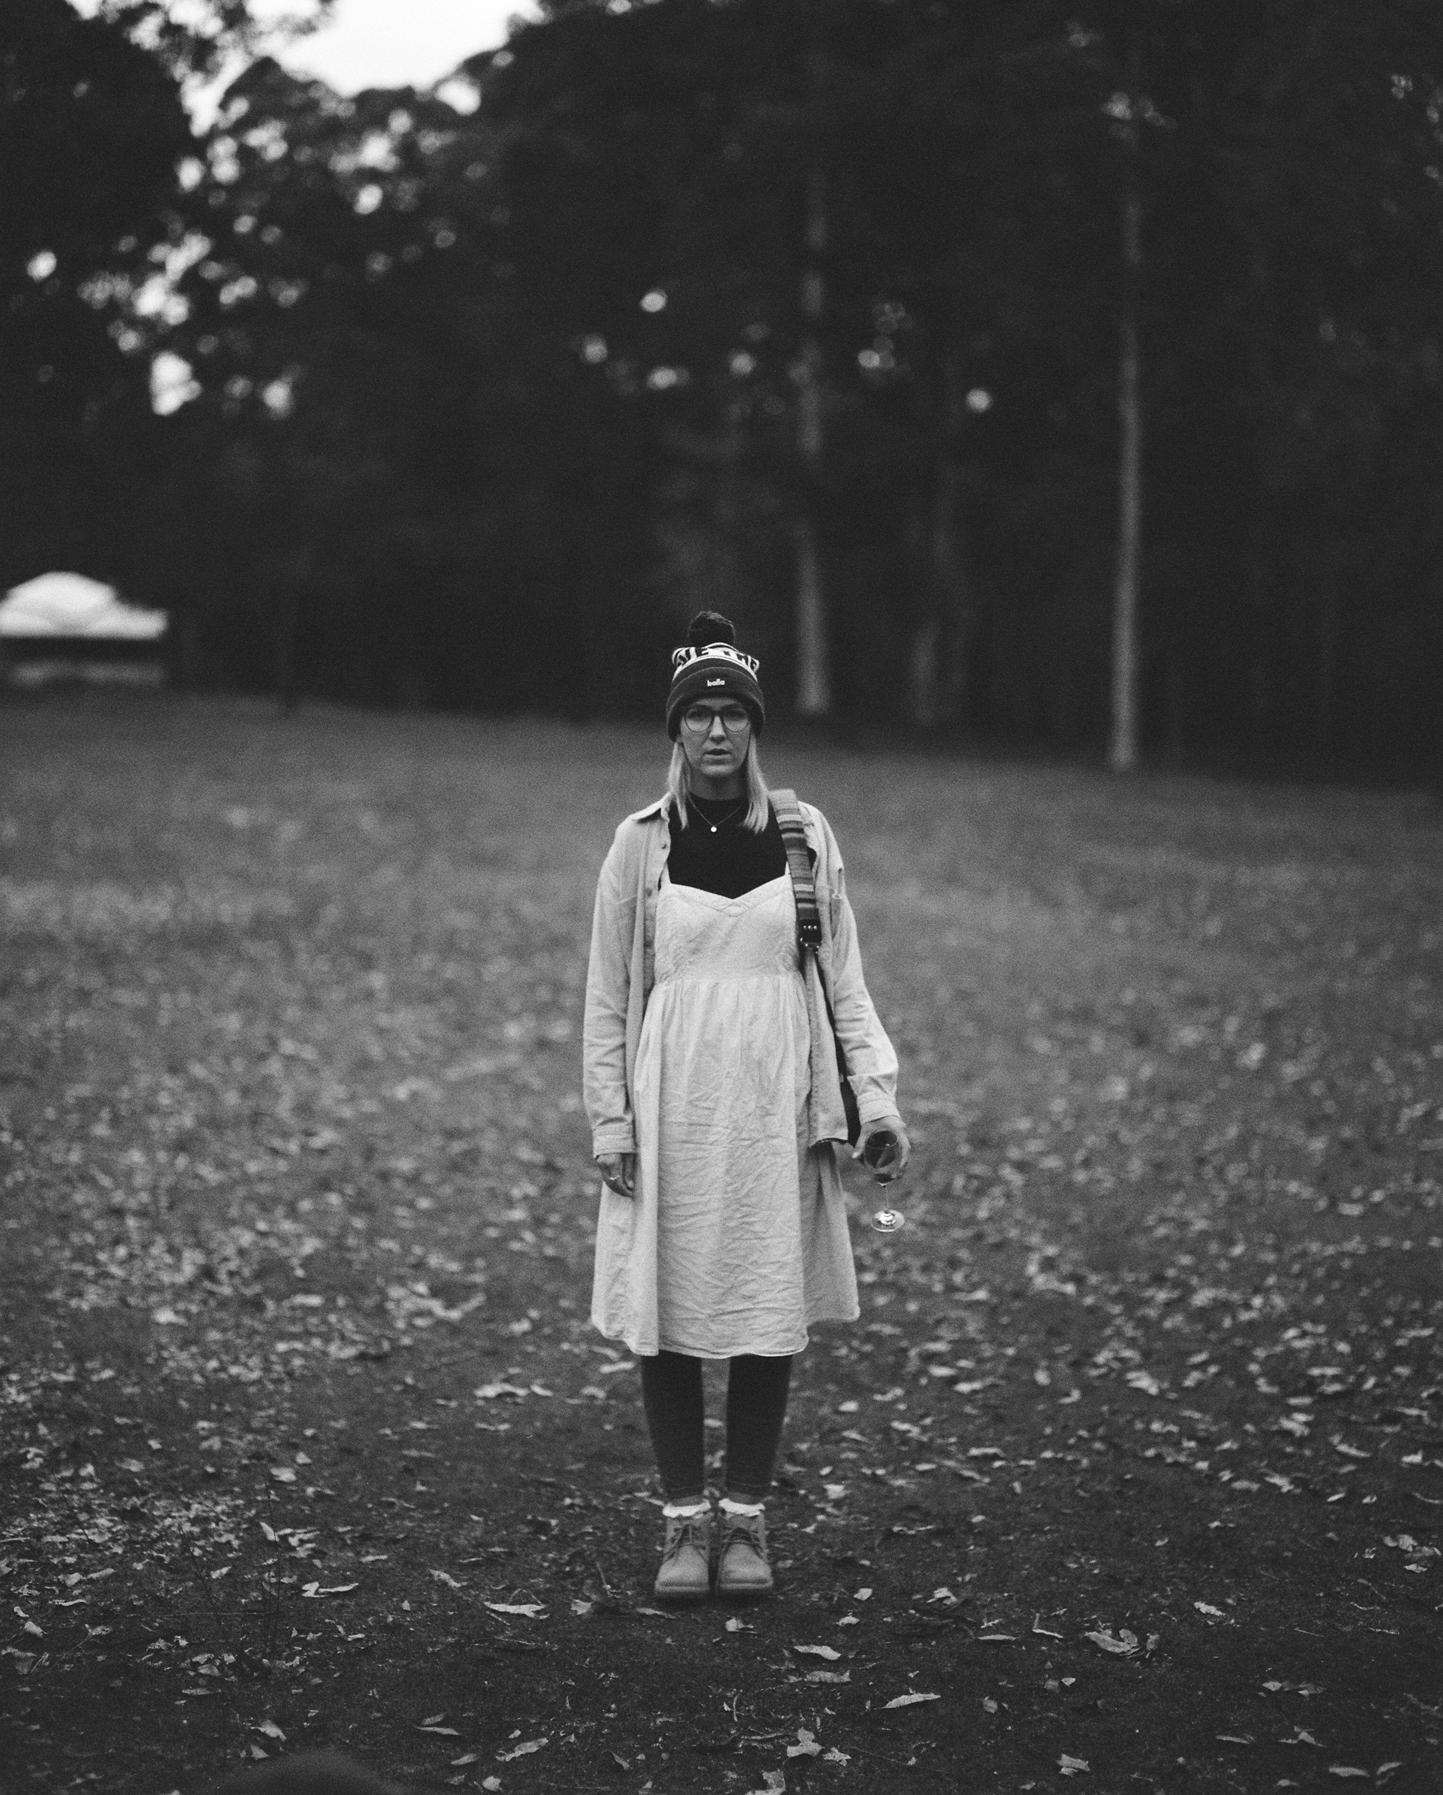 JennaMason_AboutMe-6x7-Photography_GlennWeaver.jpg